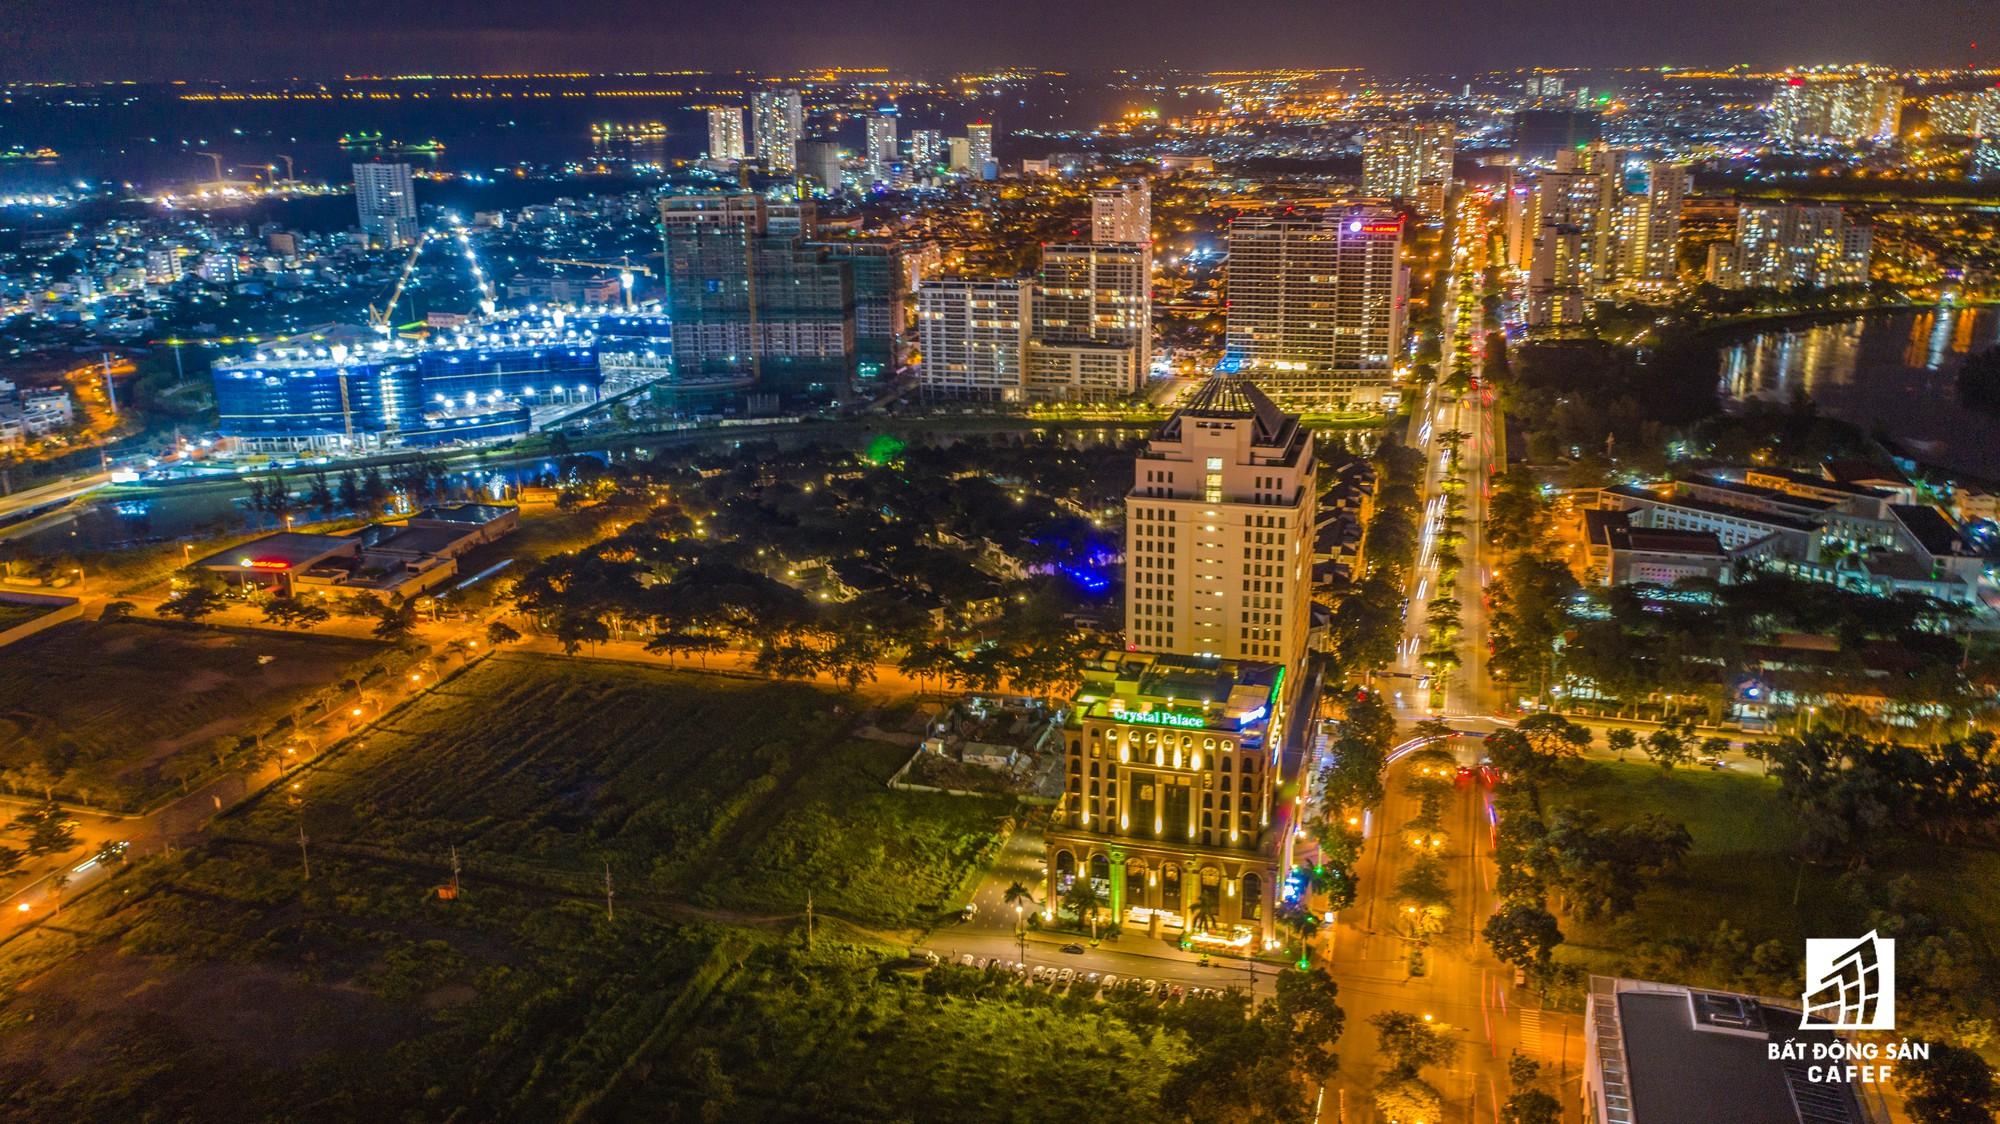 Có một trung tâm tài chính tại khu Nam Sài Gòn - Nơi giá nhà tăng chóng mặt - Ảnh 1.